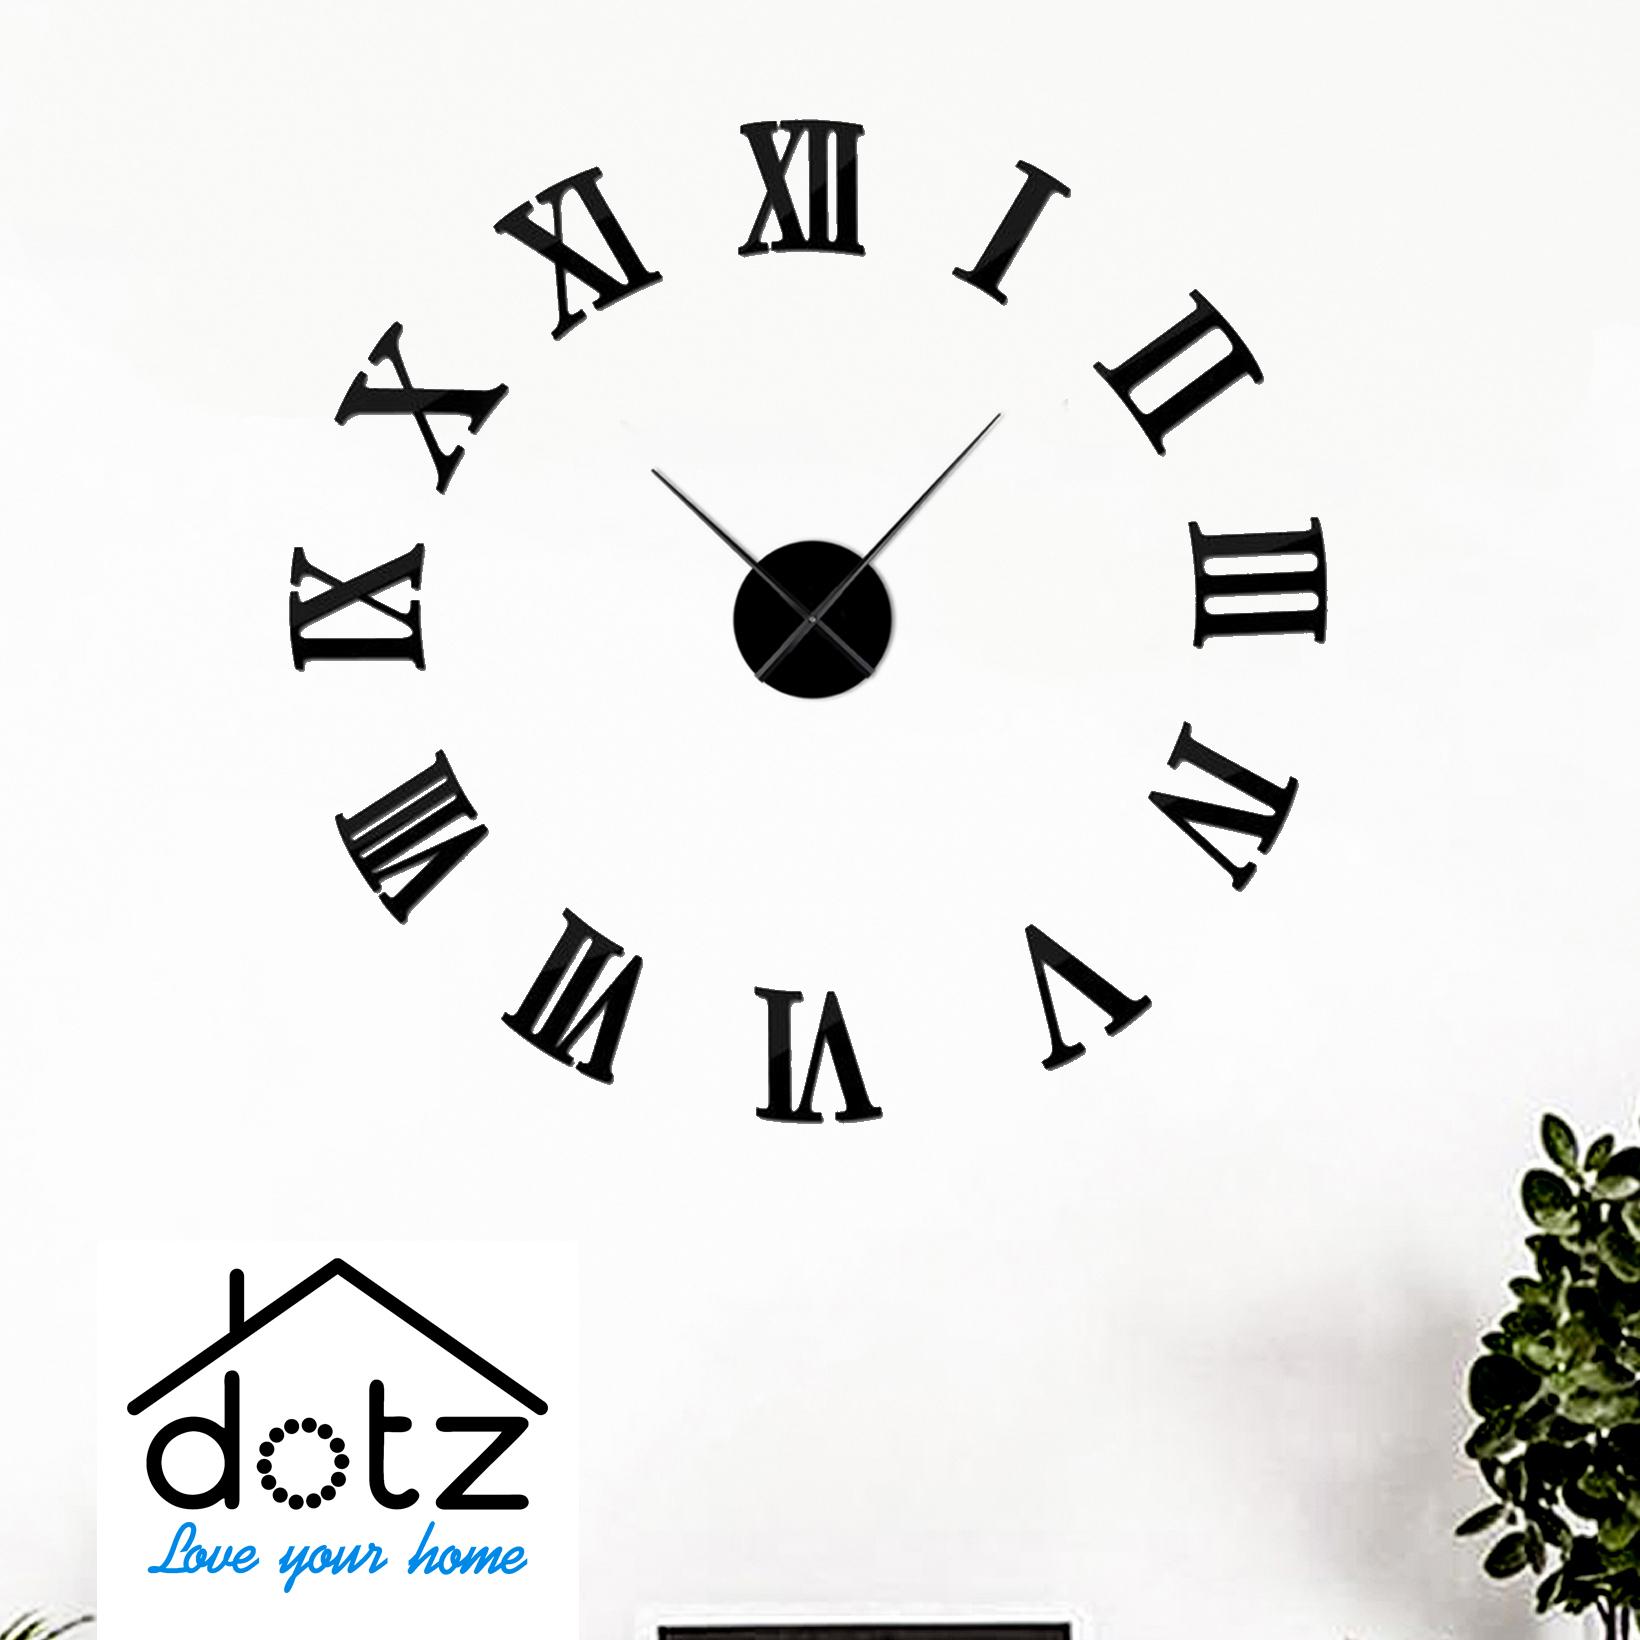 Wooden diy wall clock-roman digits 3D wooden clocks-diy wall clocks-clocks for office and home-wall decore clock-dotz brand clock